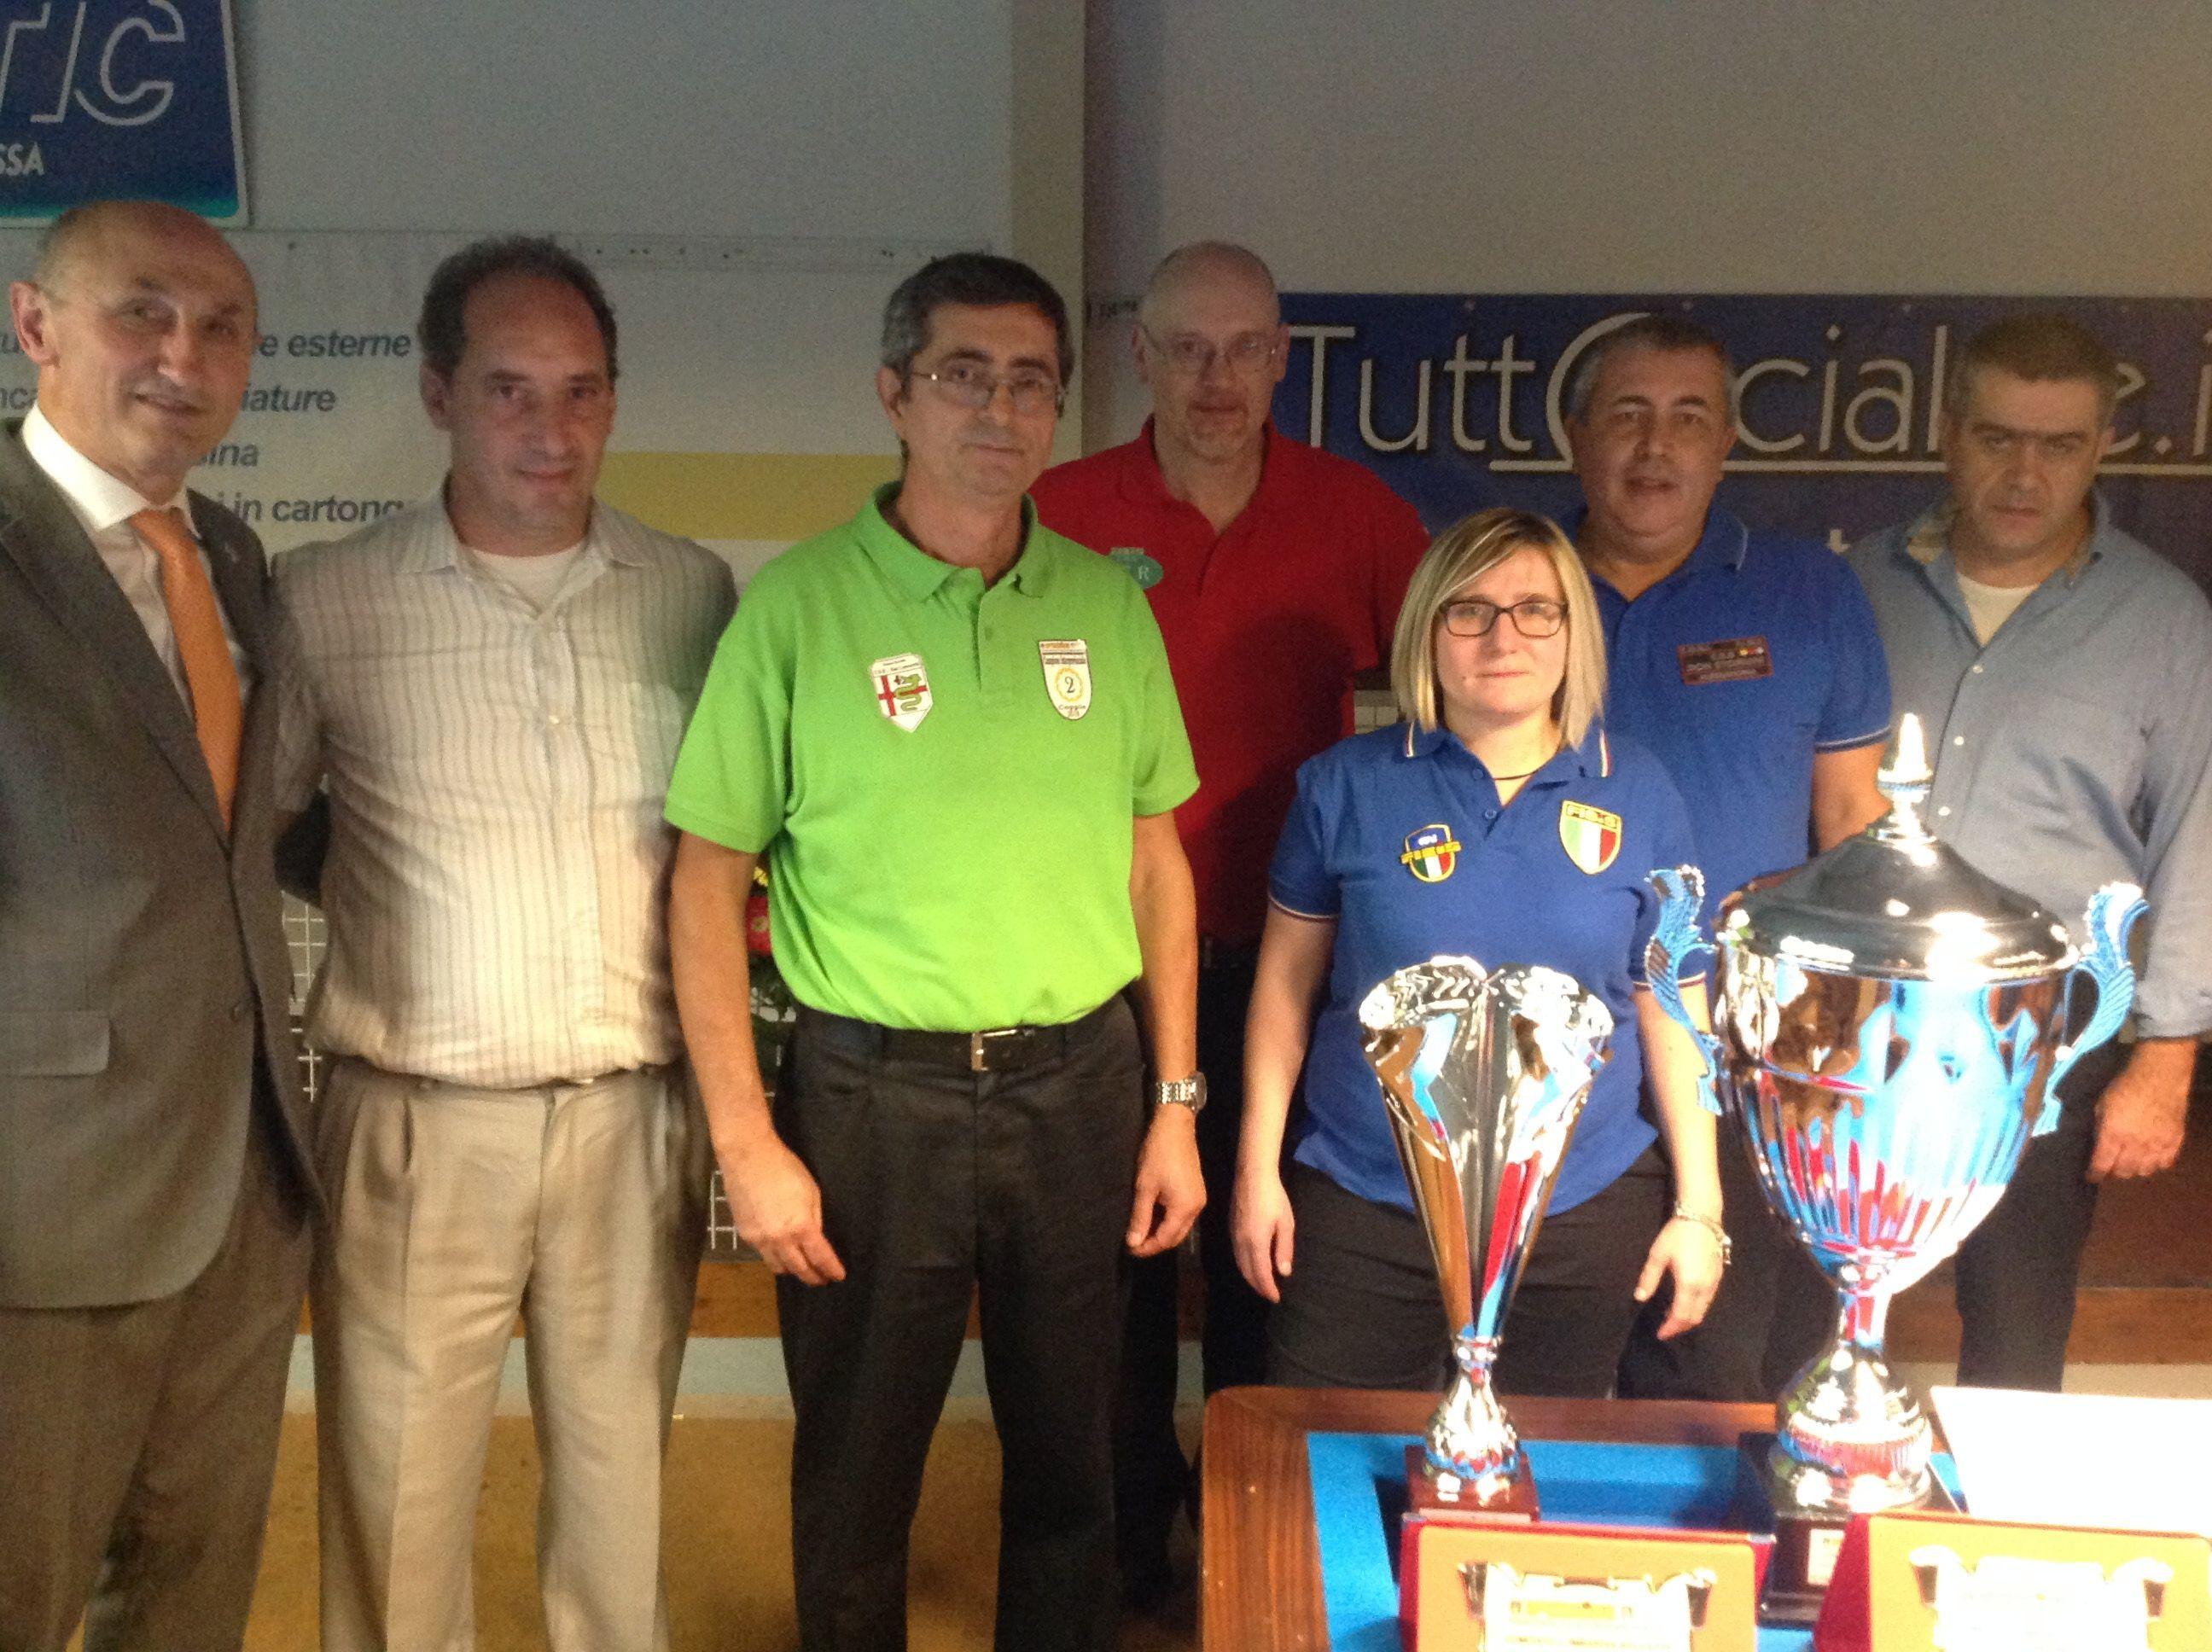 Finalisti gara terza categoria